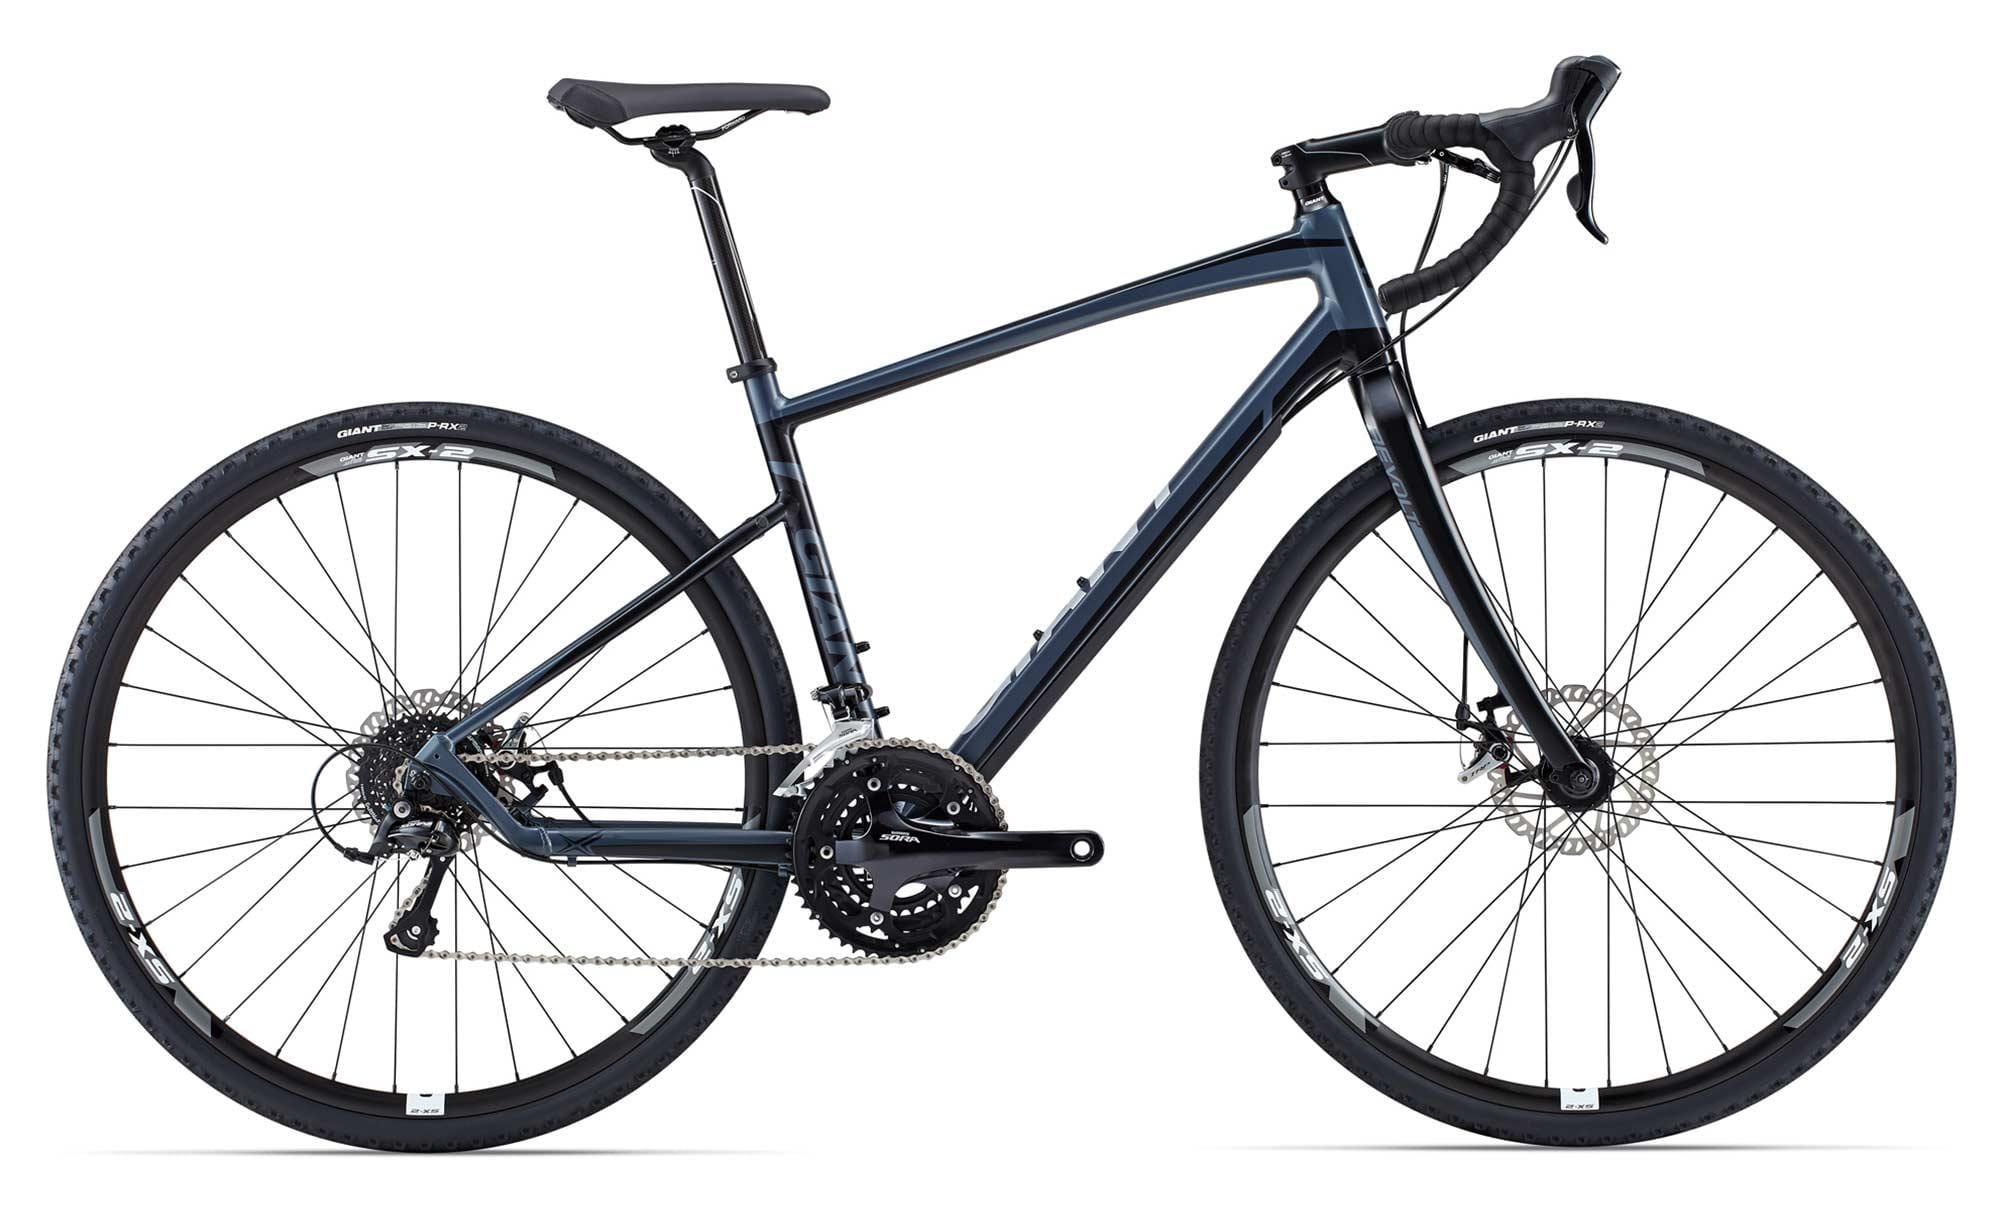 giant 2015 revolt 2 road bike